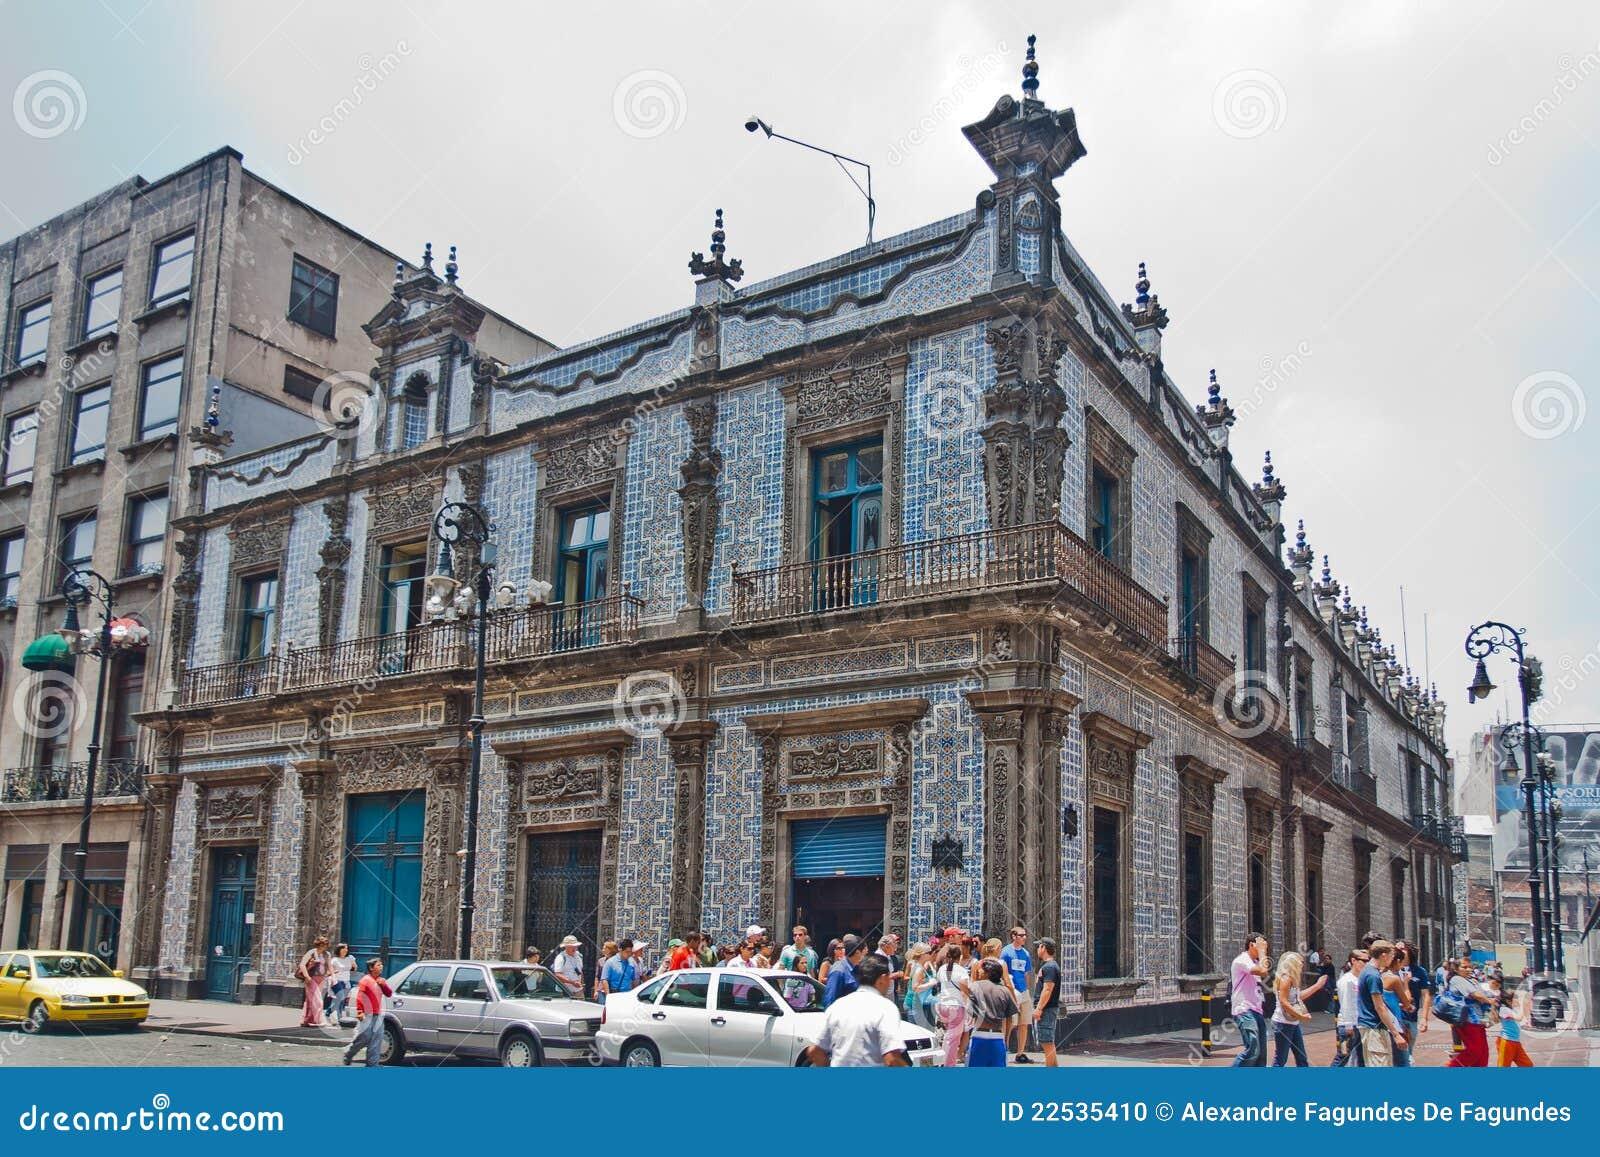 Casa de los azulejos mexico image ditorial image 22535410 for Casa de los azulejos historia